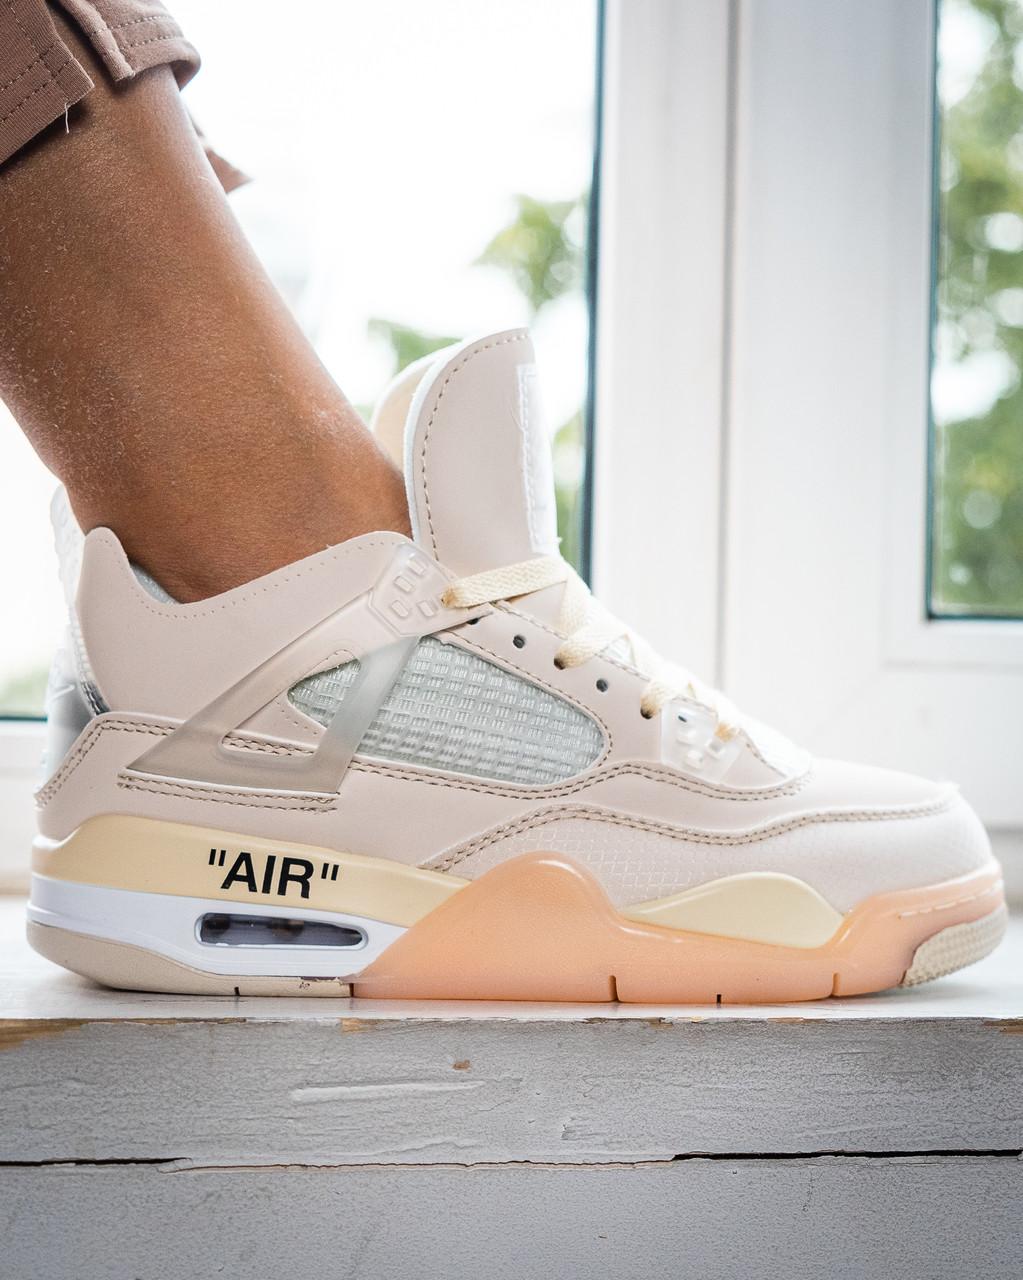 Кроссовки женские реплика Nike Off-White x Air Jordan 4 р.37 Персиковый (hub_579vec)